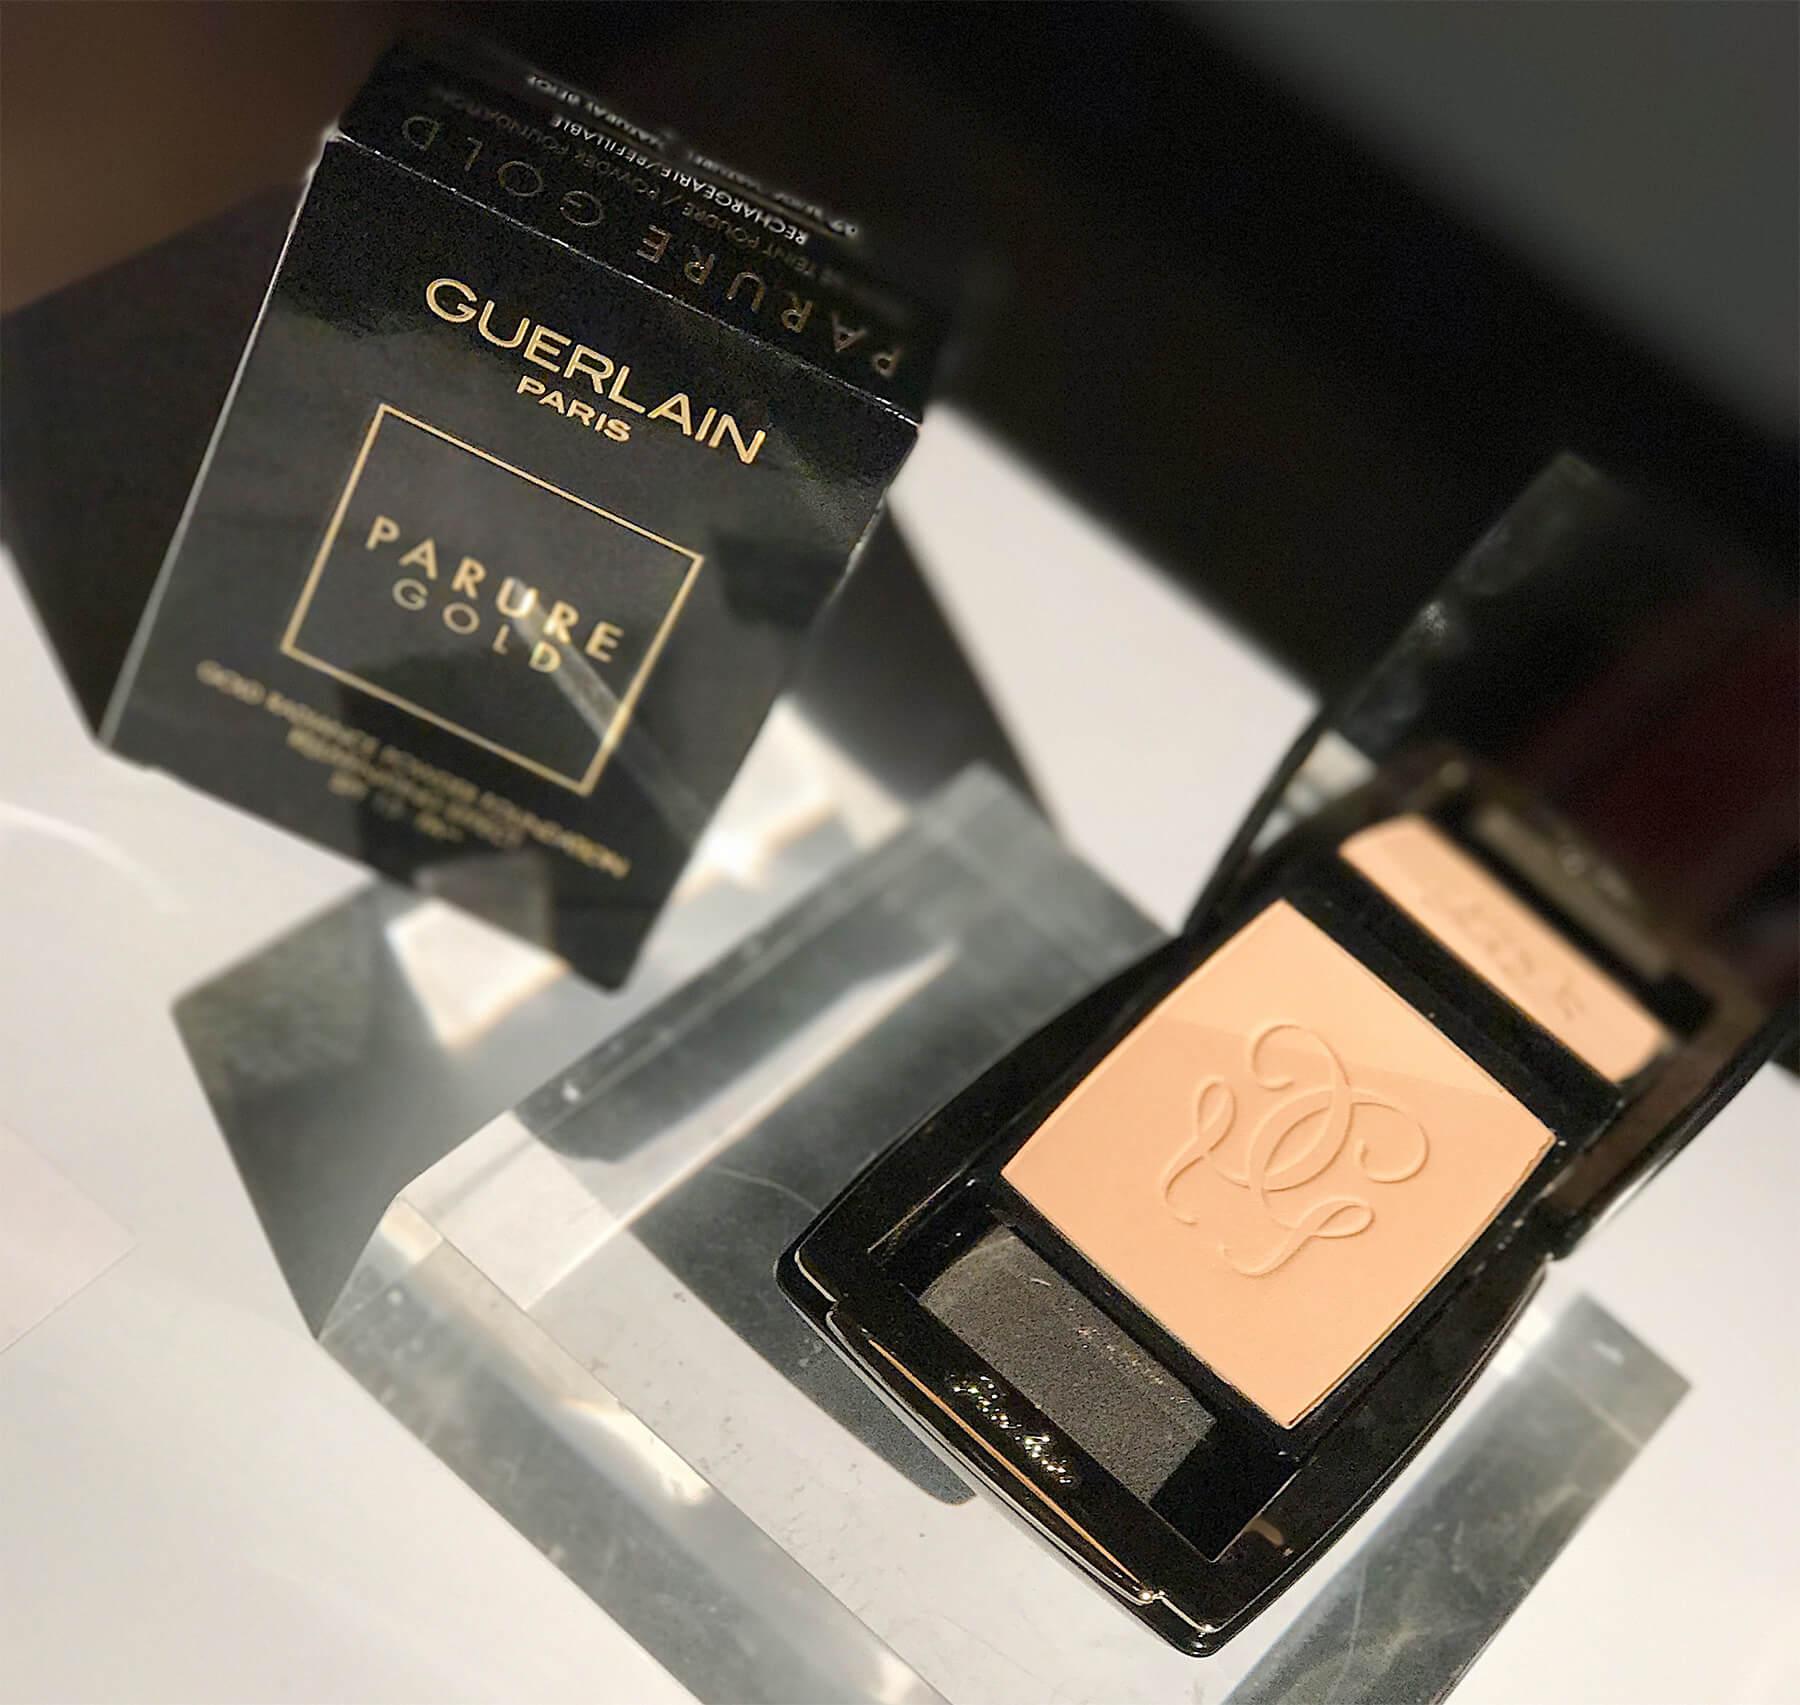 Pó compacto Guerlain Parure Gold